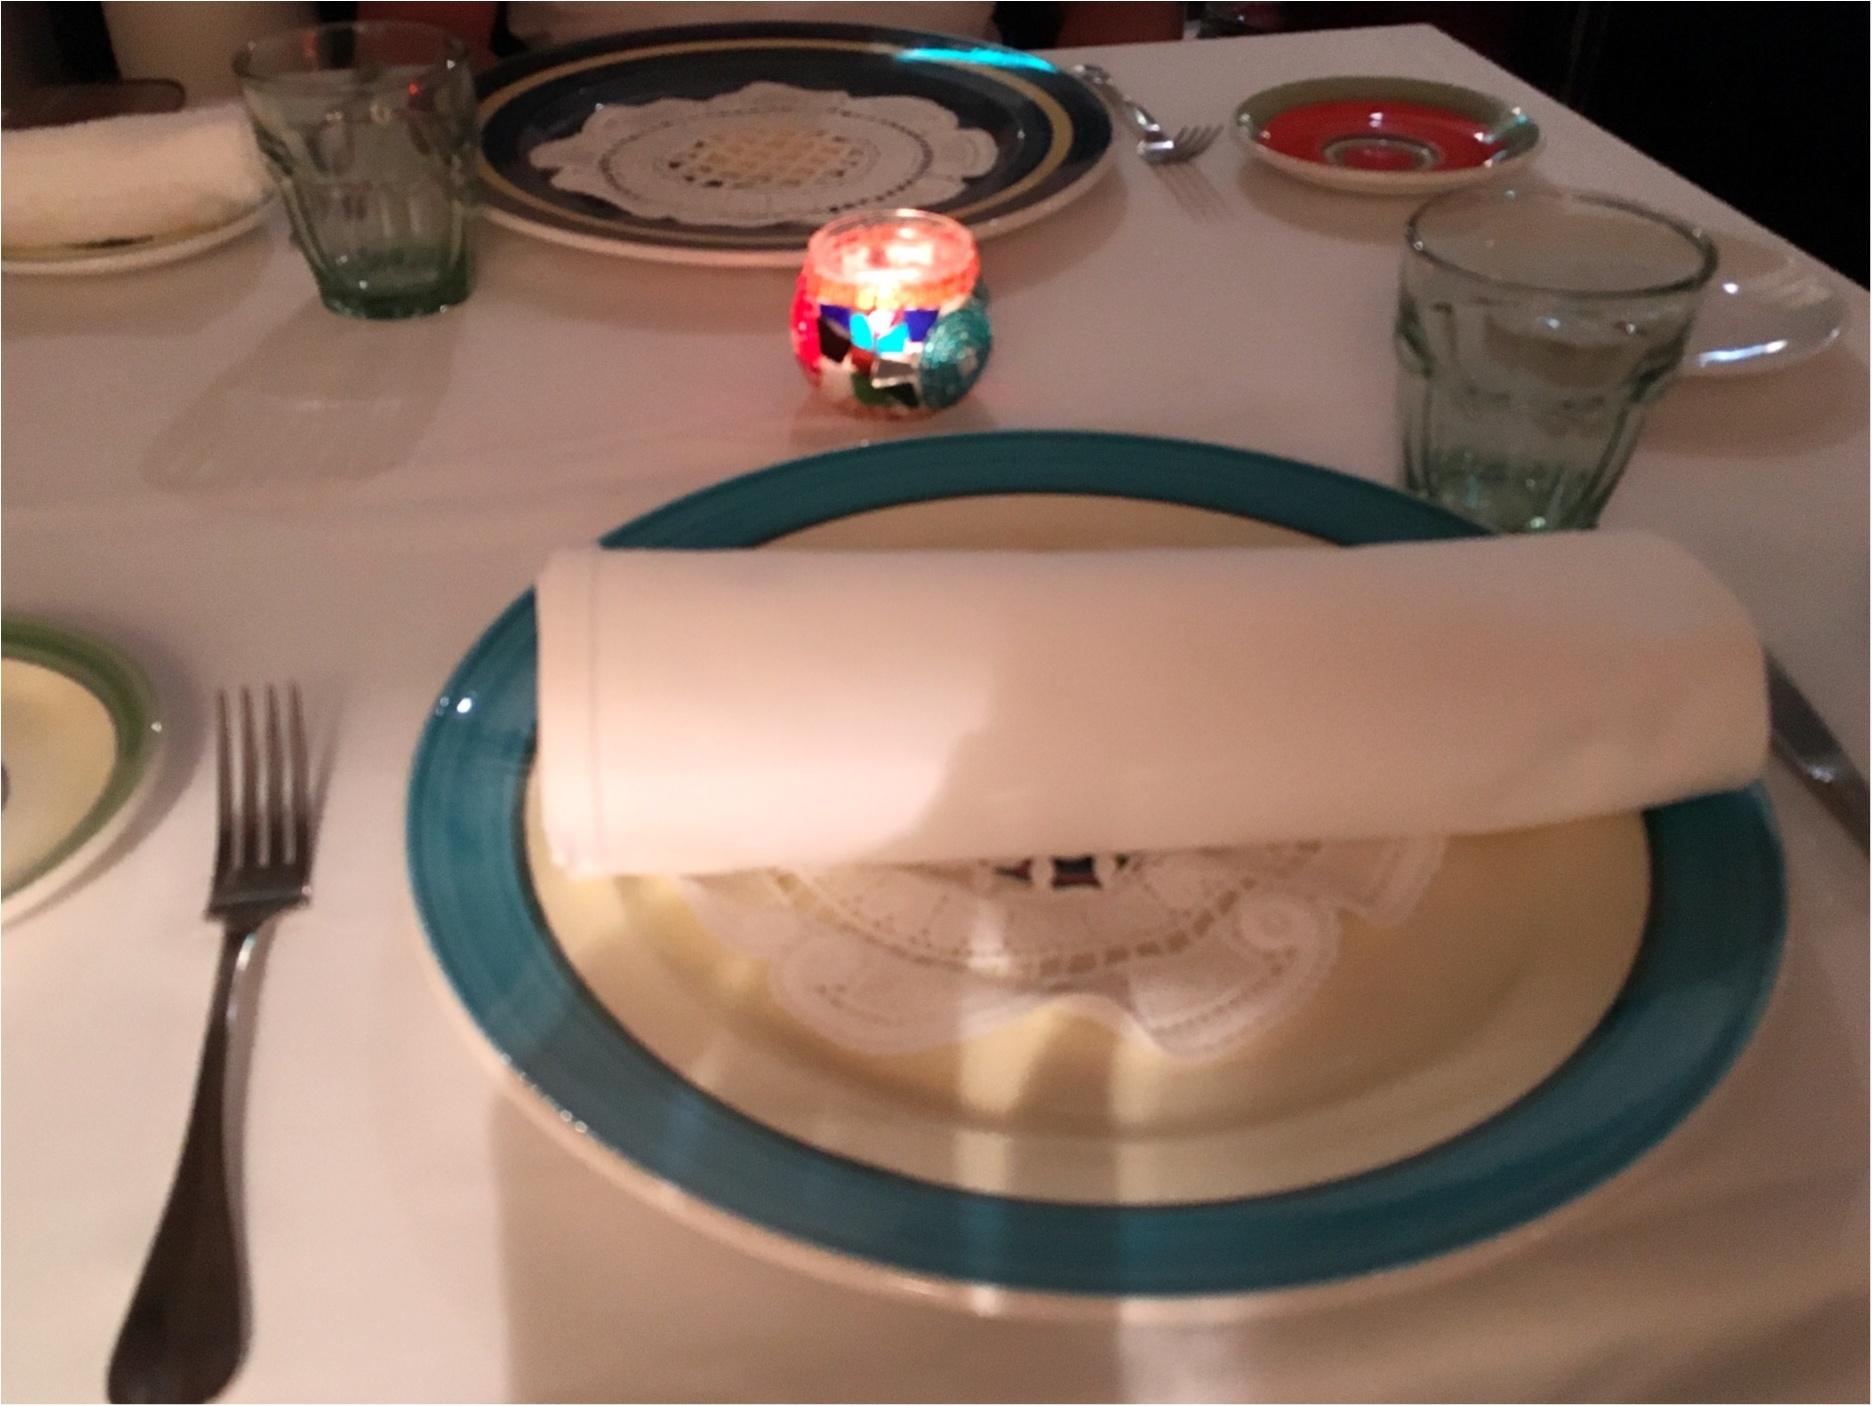 ブッラータチーズが美味しい♡♡♡絶品イタリアンを堪能してきました(*⁰▿⁰*)_1